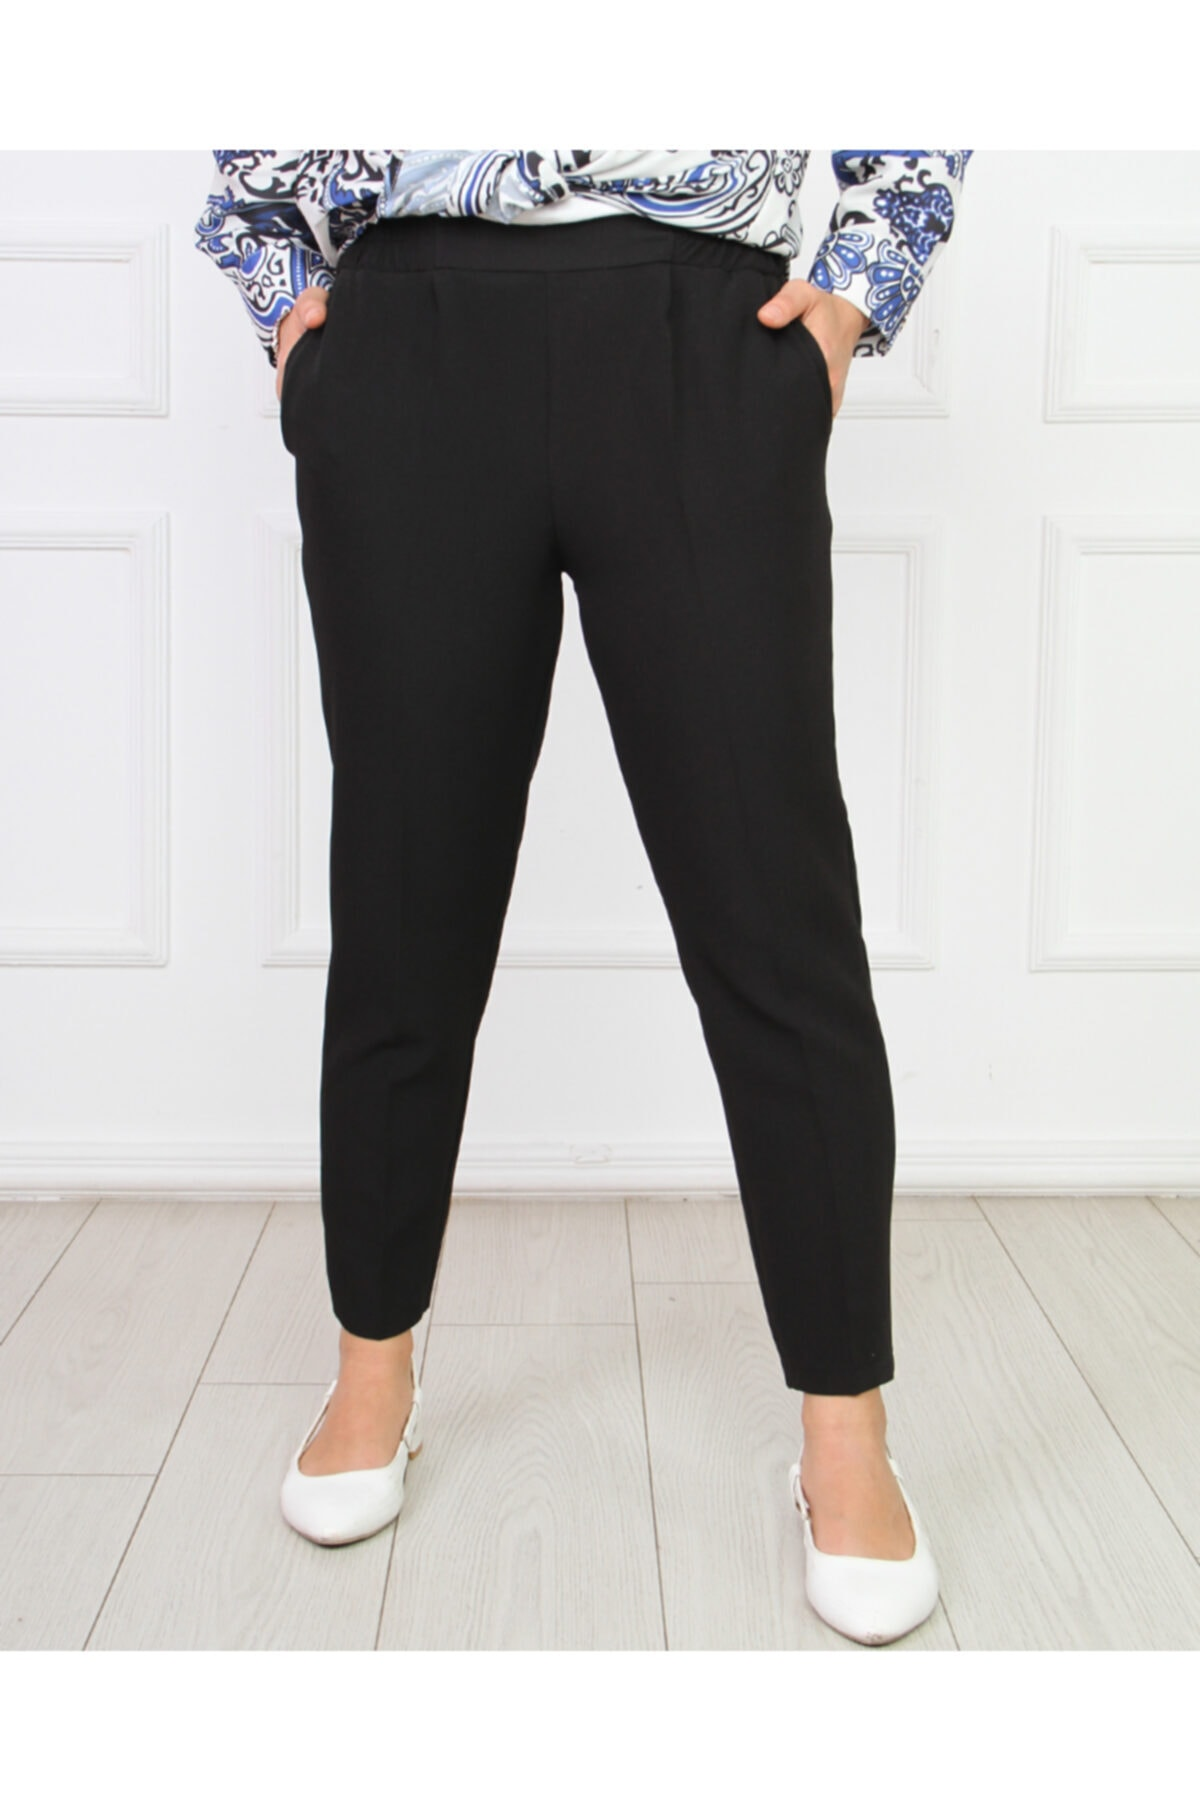 Hüma Sultan Kadın Siyah Kalem Bel Lastik Pantolon Pnt-2004 1